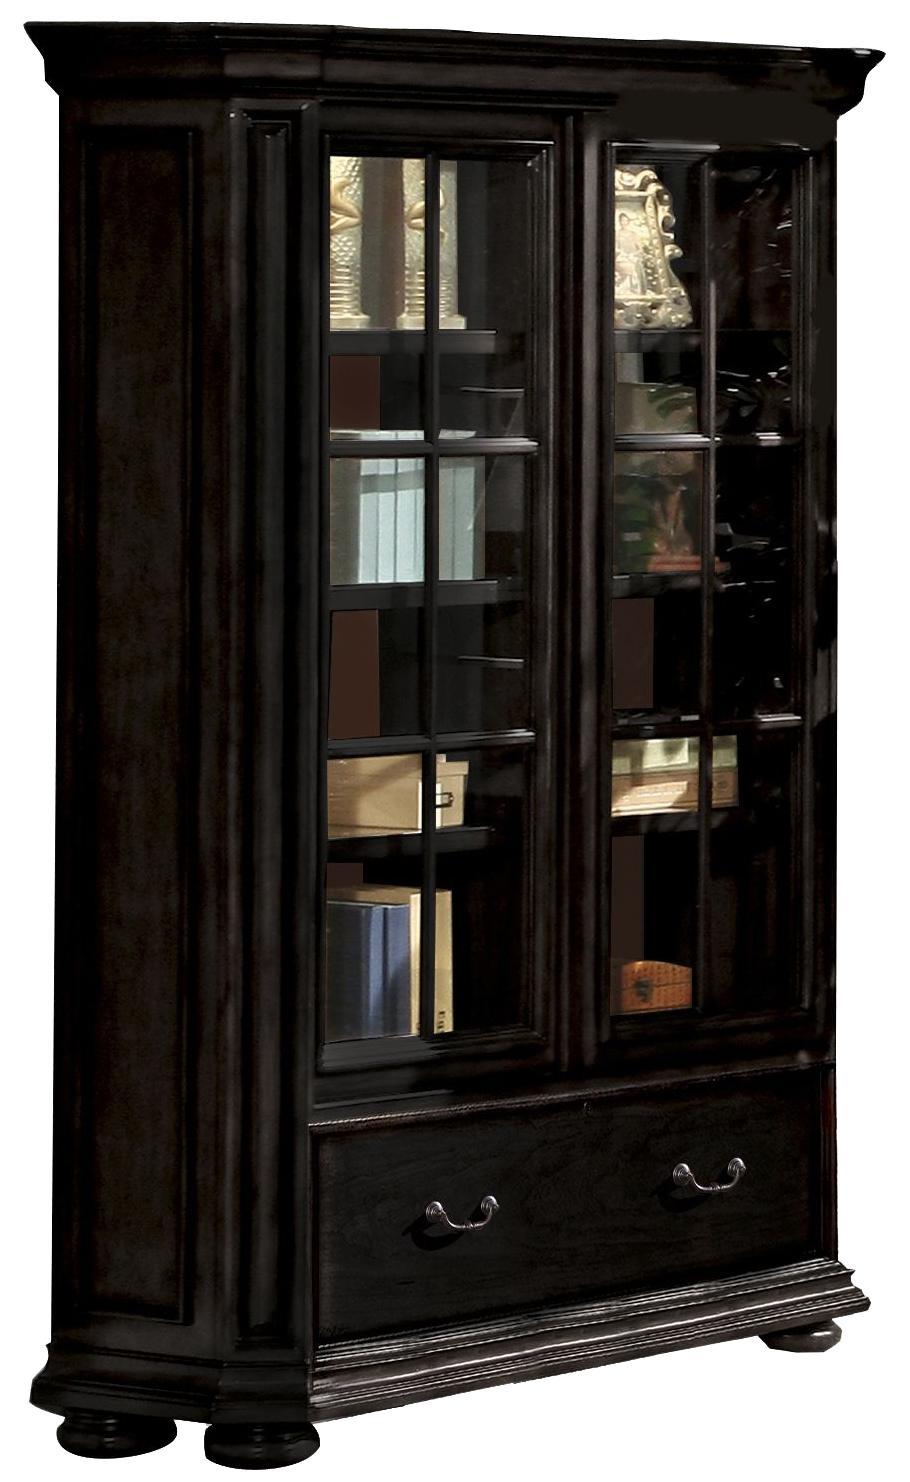 riverside furniture allegro rs 44734 sliding door bookcase dunk bright furniture bookcase. Black Bedroom Furniture Sets. Home Design Ideas